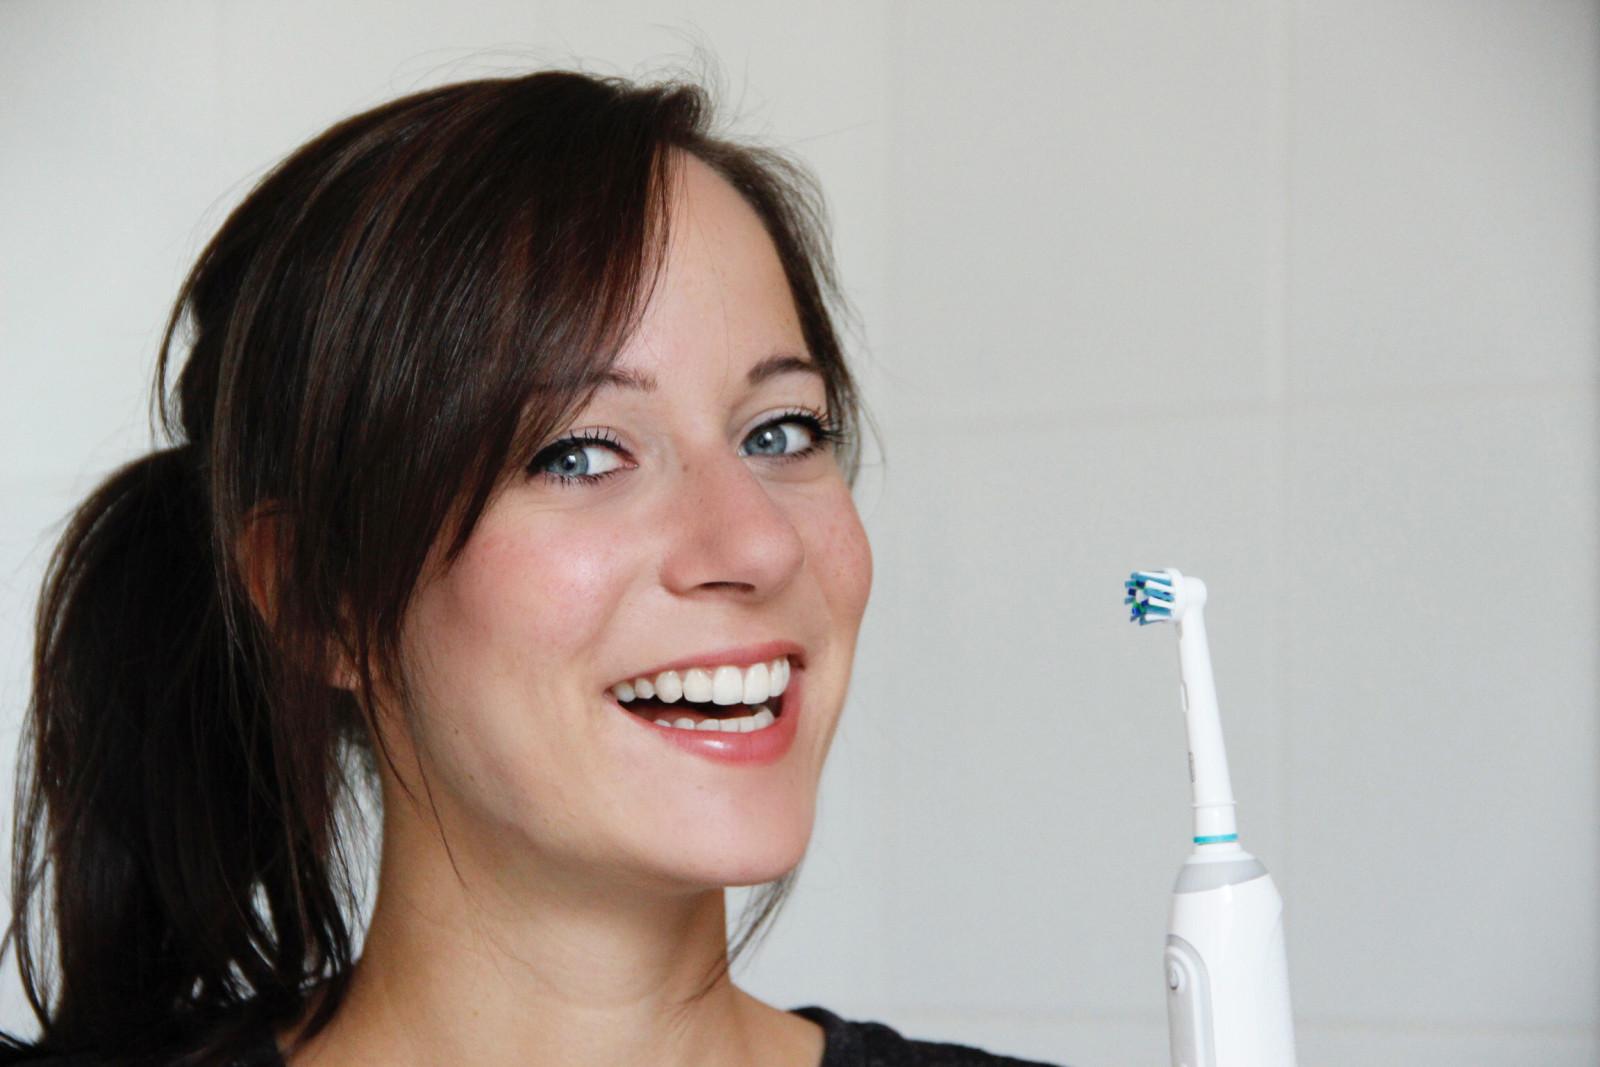 Oral-B-Genius-9000-elektrische-Zahnbuerste-Suechtig-nach-Lifestyleblog-Fashionblog-Foodblog-Oberoesterreich-Linz 01